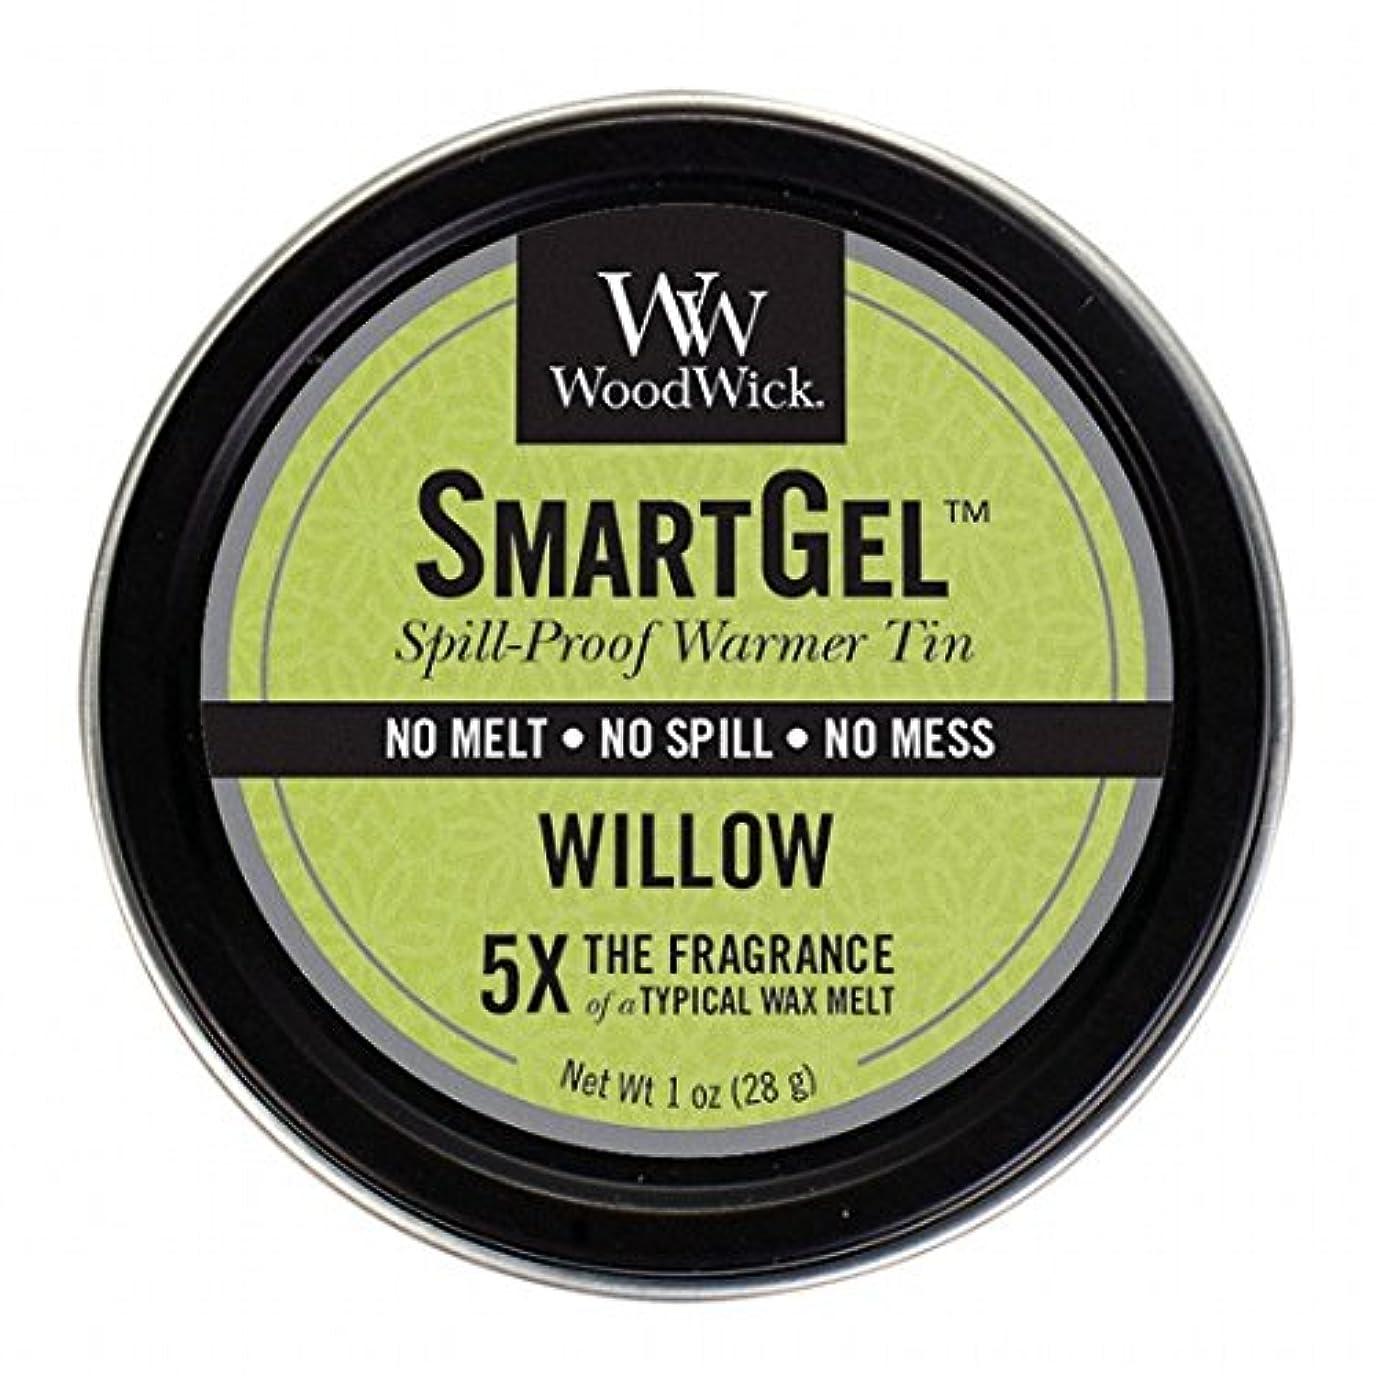 荒れ地優しいエンゲージメントWoodWick(ウッドウィック) Wood Wickスマートジェル 「 ウィロー 」W9630525(W9630525)